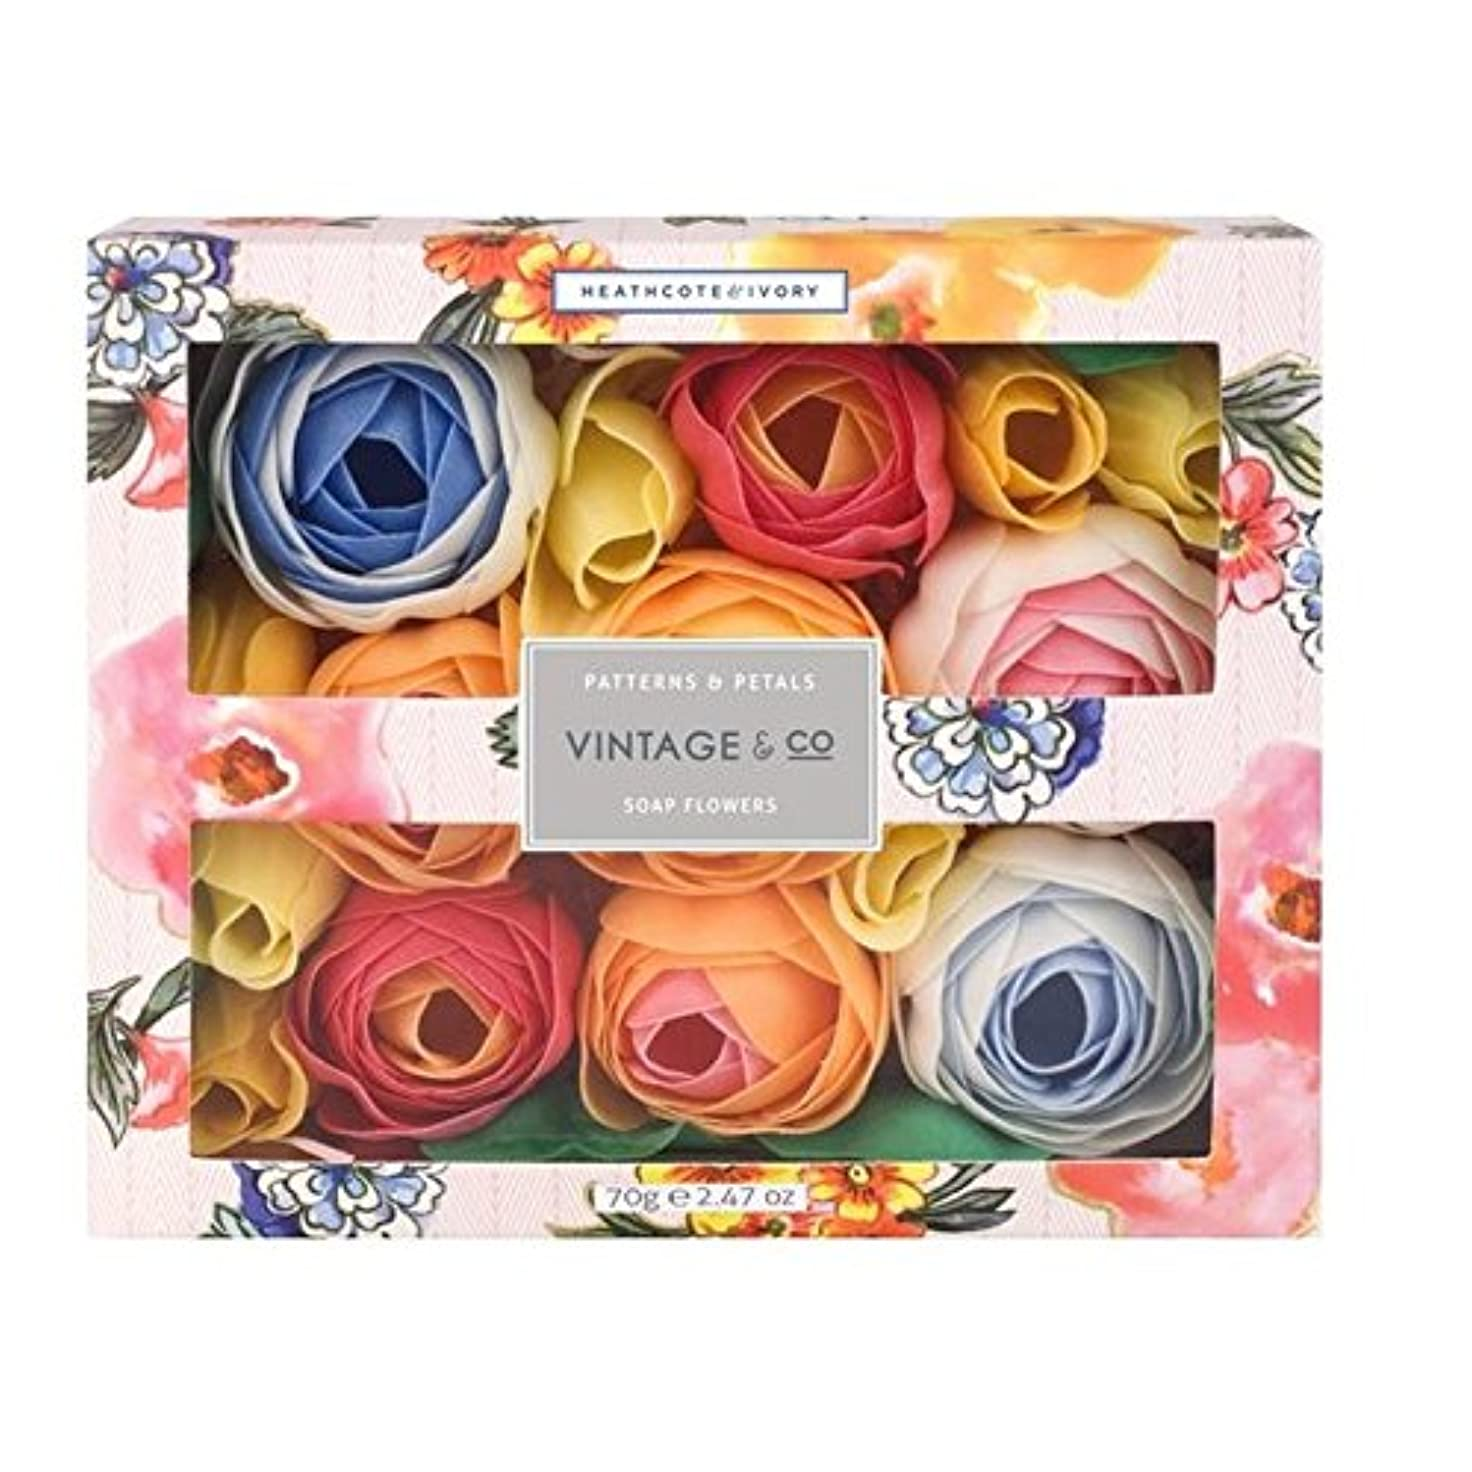 ちなみに何かパスタヒースコート&アイボリーパターン&花びら石鹸の花70グラム x2 - Heathcote & Ivory Patterns & Petals Soap Flowers 70g (Pack of 2) [並行輸入品]